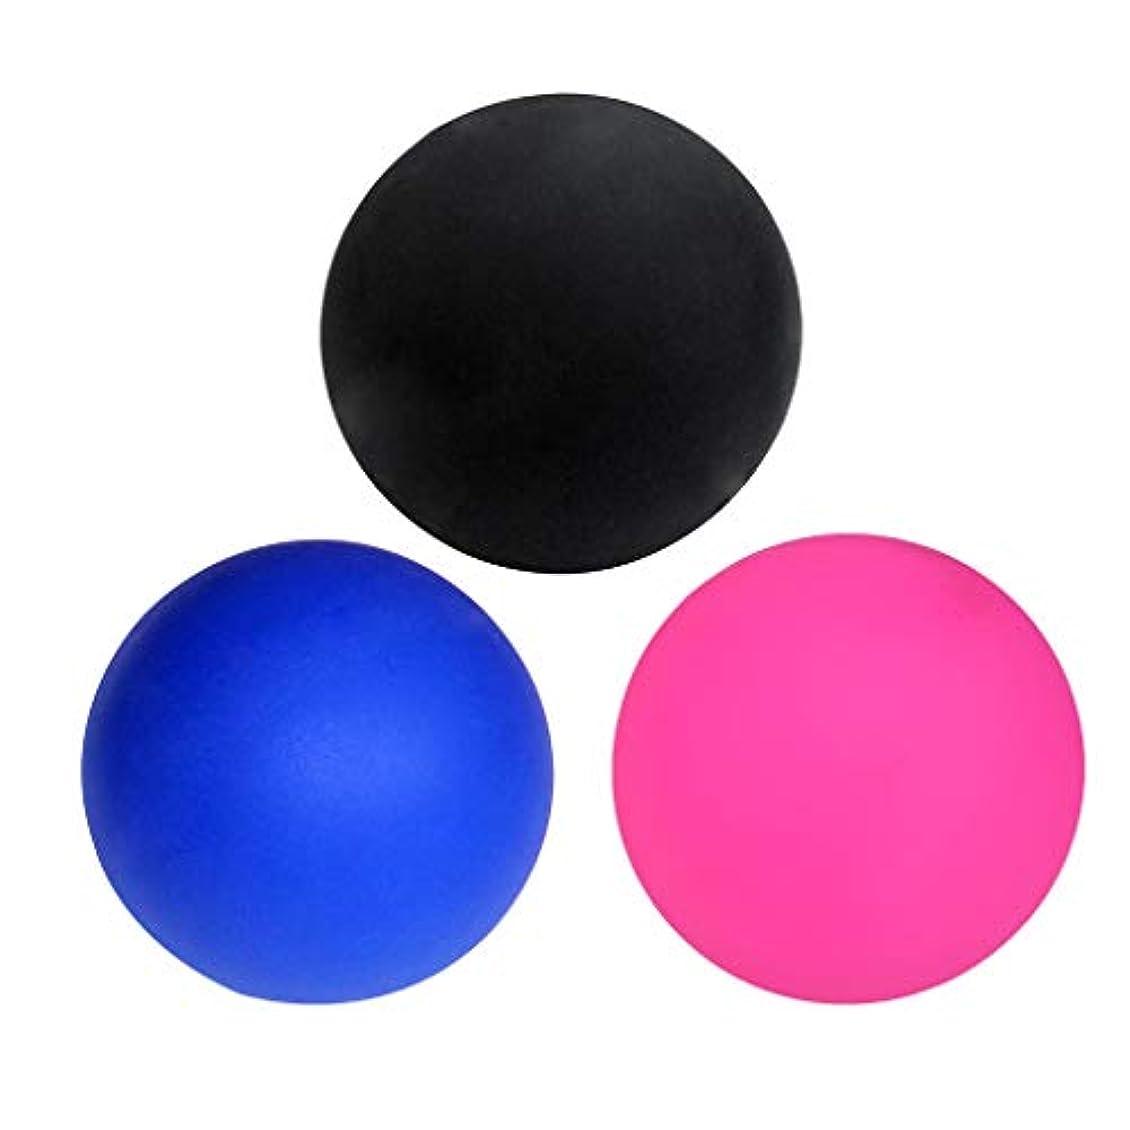 起業家クレーター巻き取りdailymall マッサージボール ラクロスボール トリガーポイント 筋膜リリース トレーニング ツボ押しグッズ 3個入